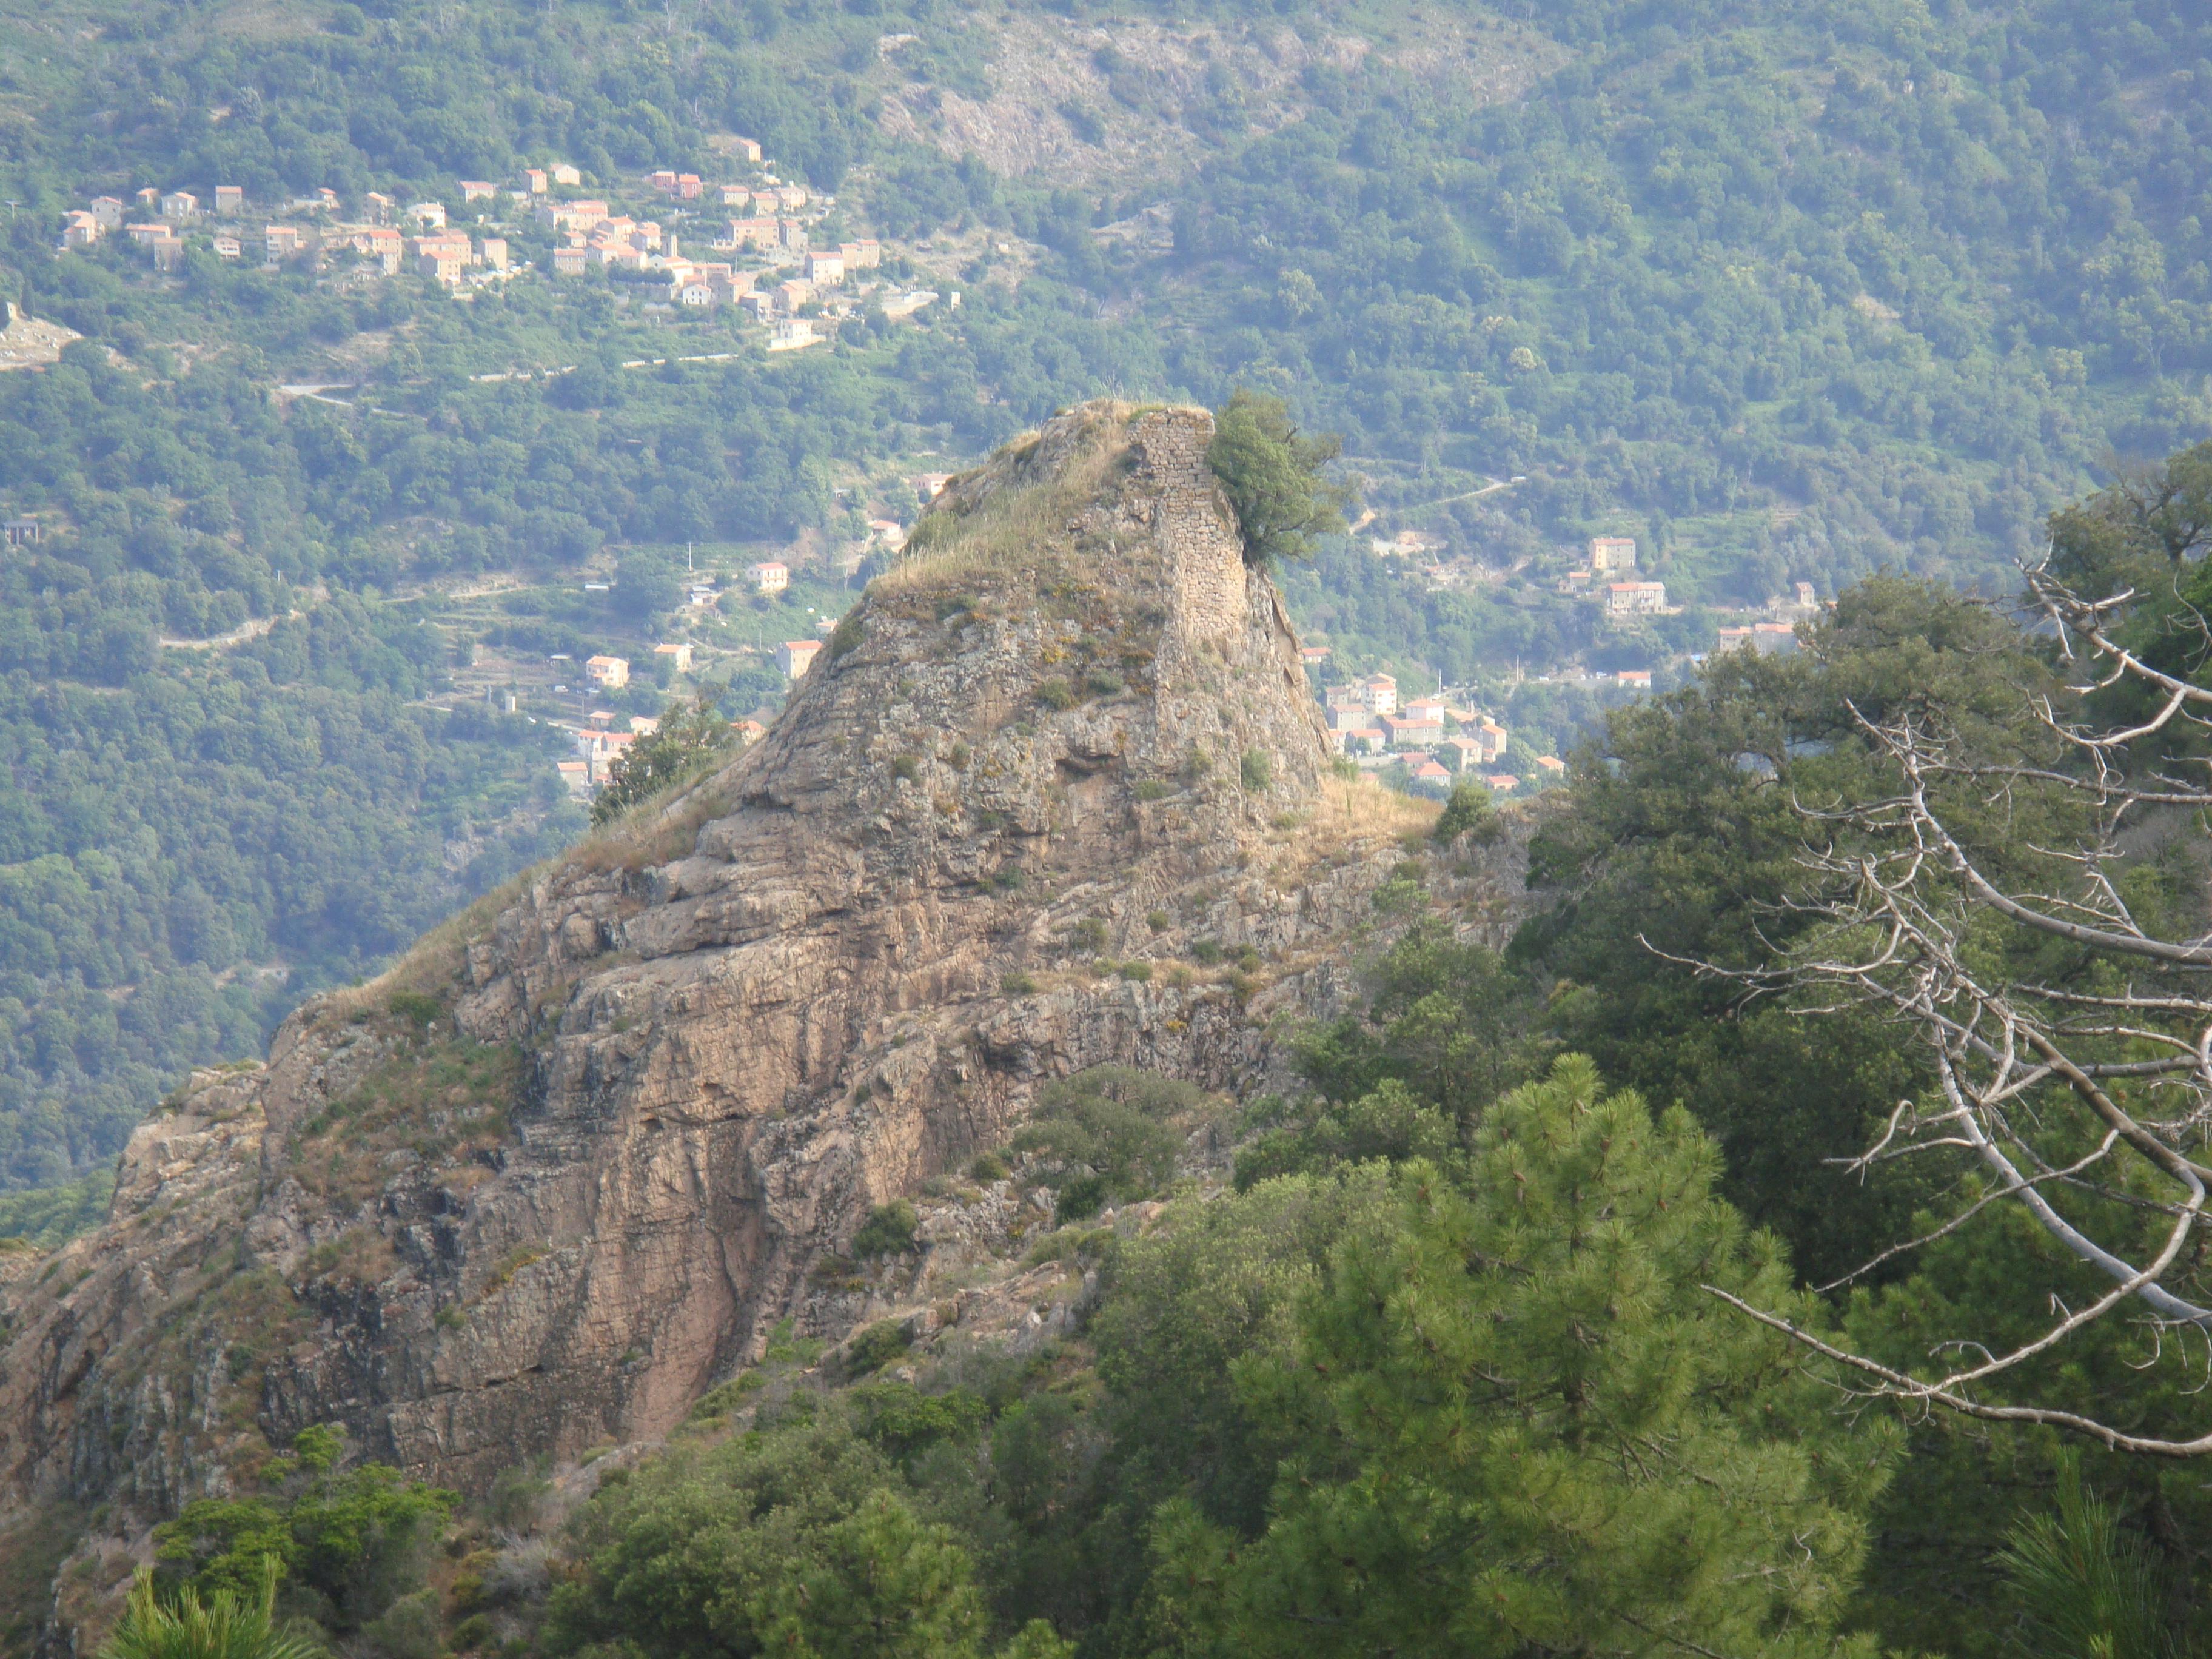 http://upload.wikimedia.org/wikipedia/commons/f/f4/Letia_et_le_fort_de_la_Zurlina_qui_domine_la_vallée_du_Liamone.jpg